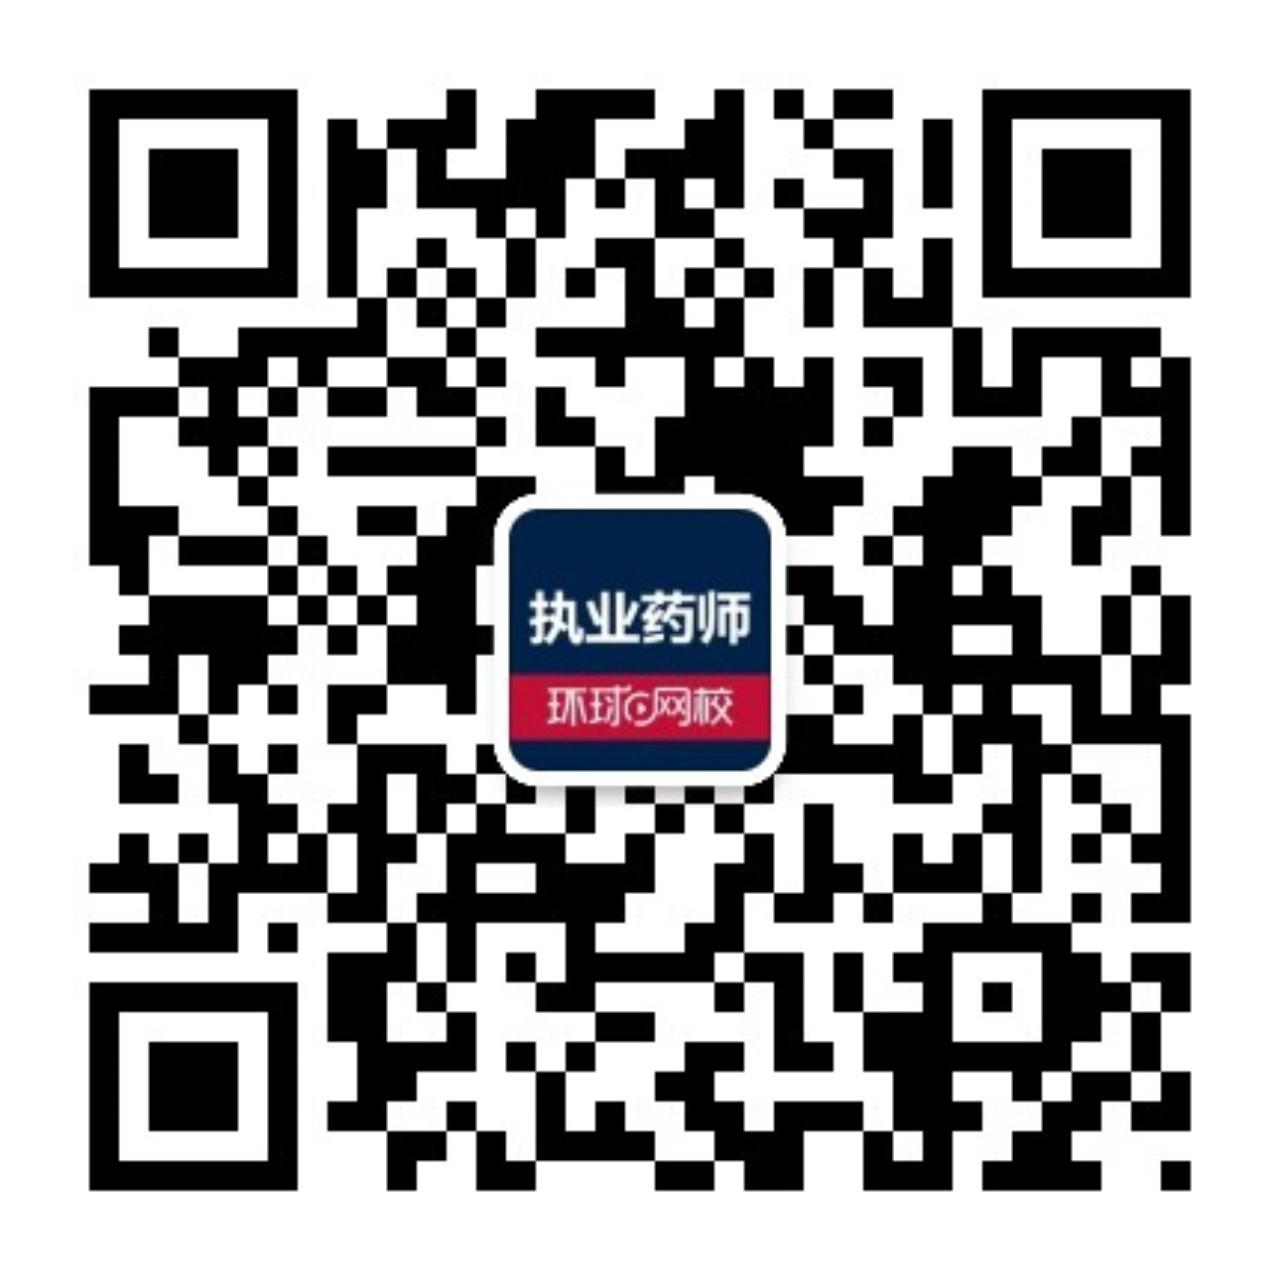 環球網校執業藥師考試微信公眾號